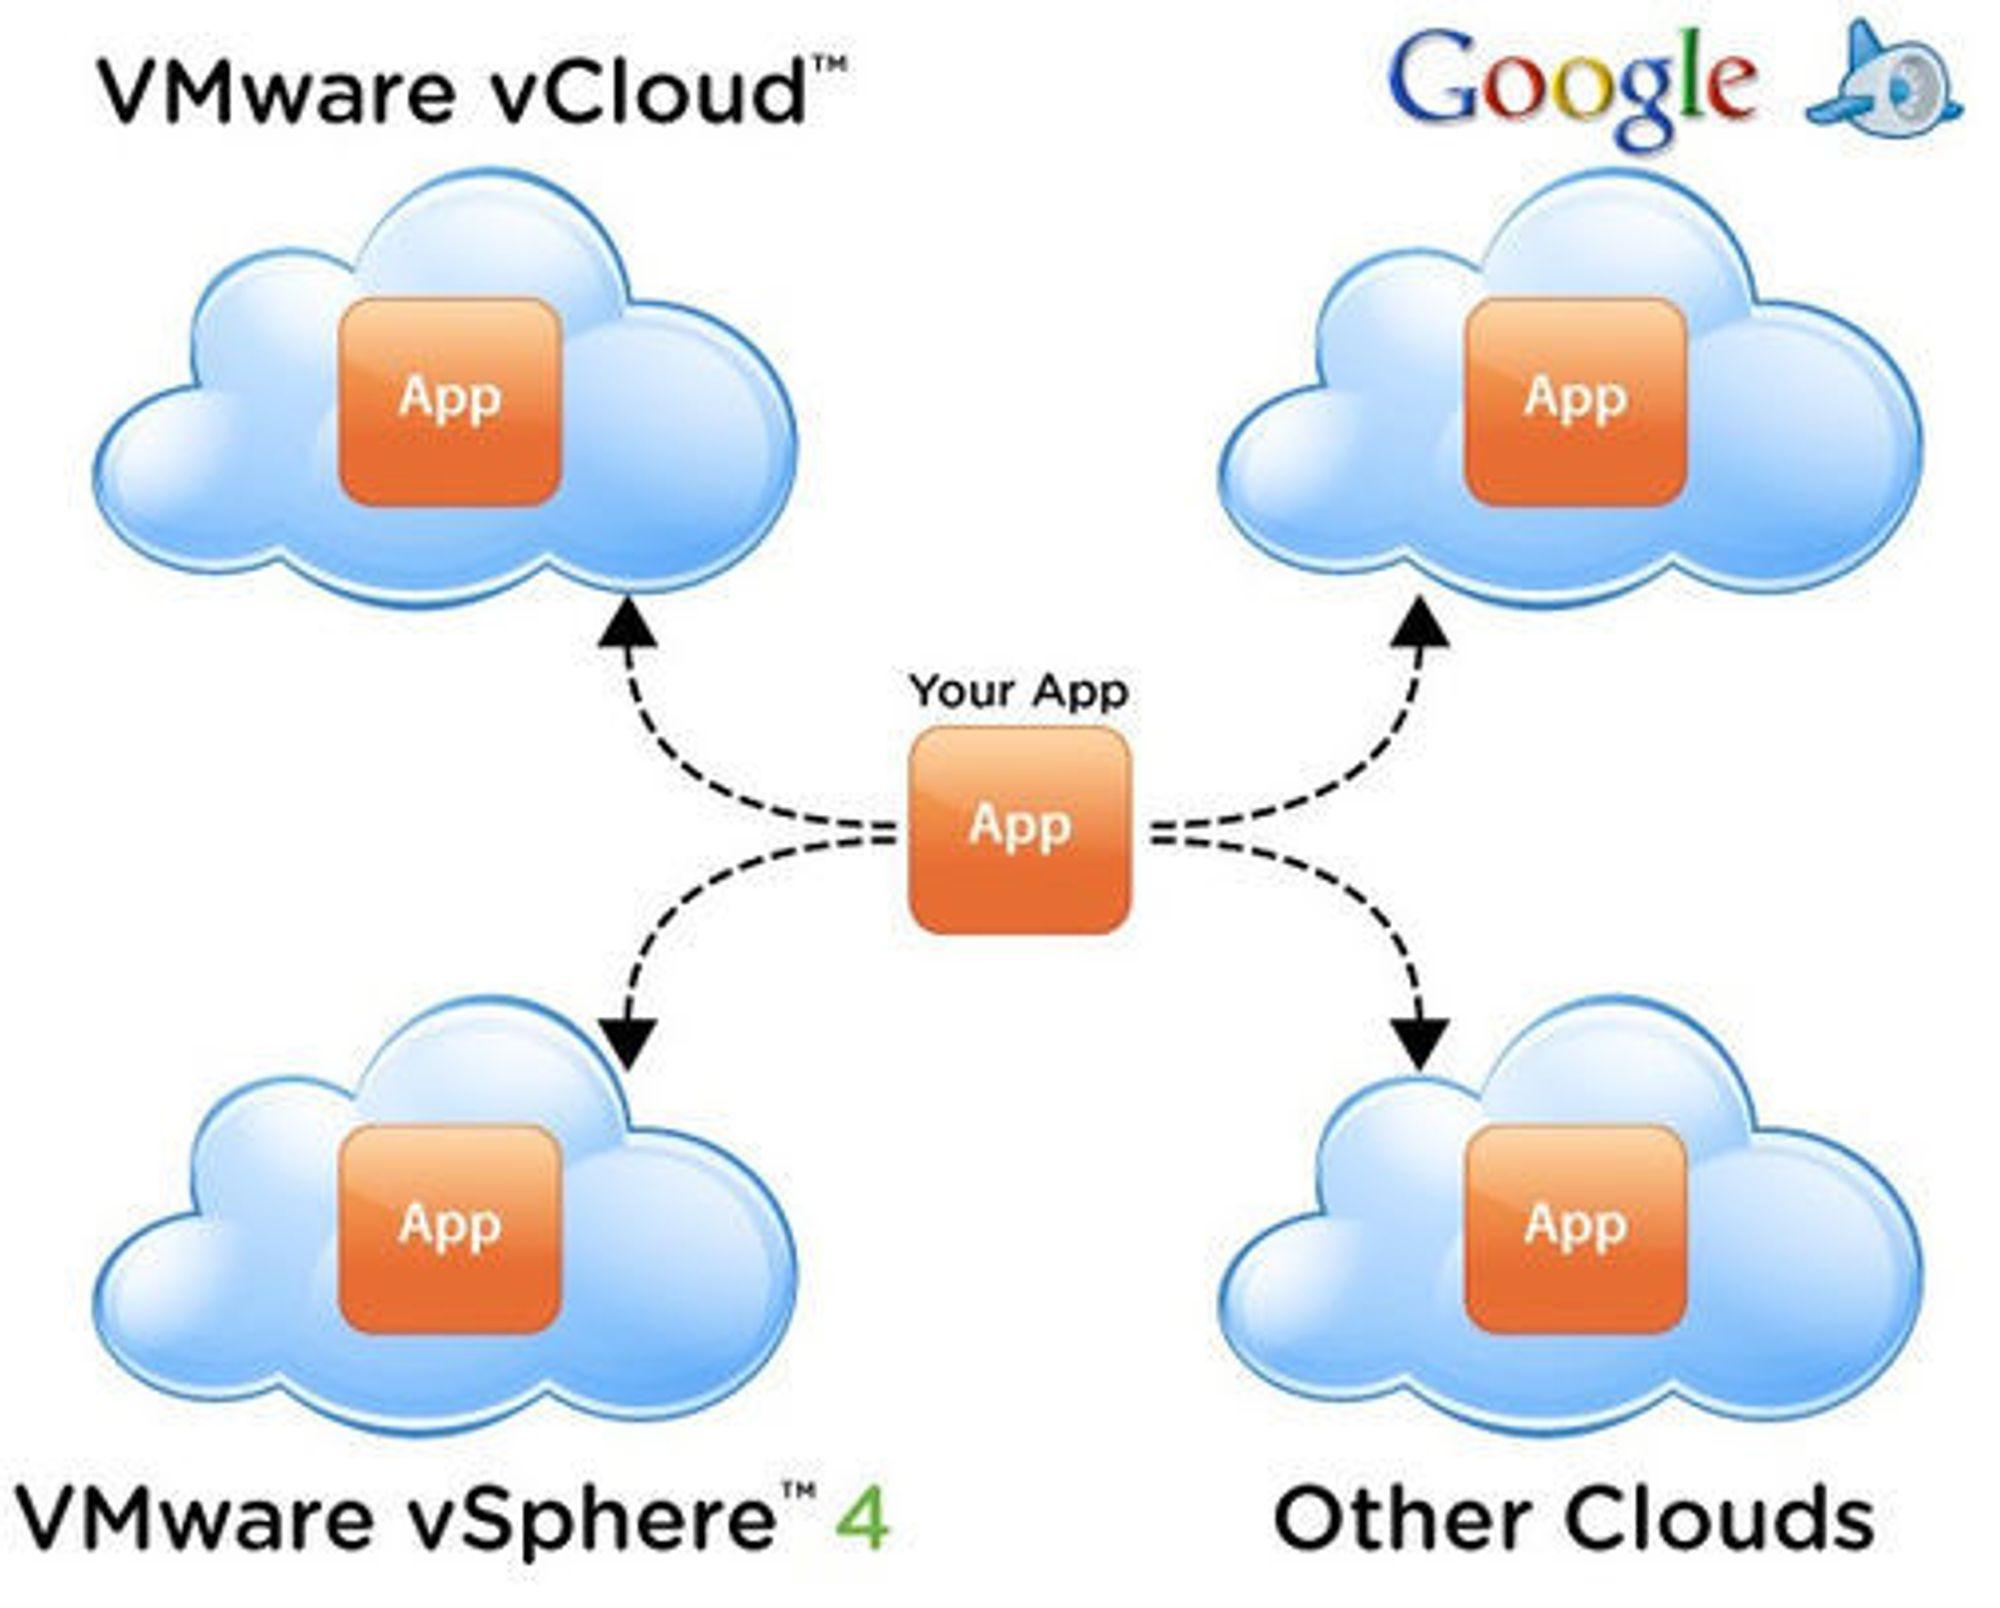 VMware og Google lover forenklet flytting mellom ulike nettskyløsninger for applikasjoner basert på Spring.